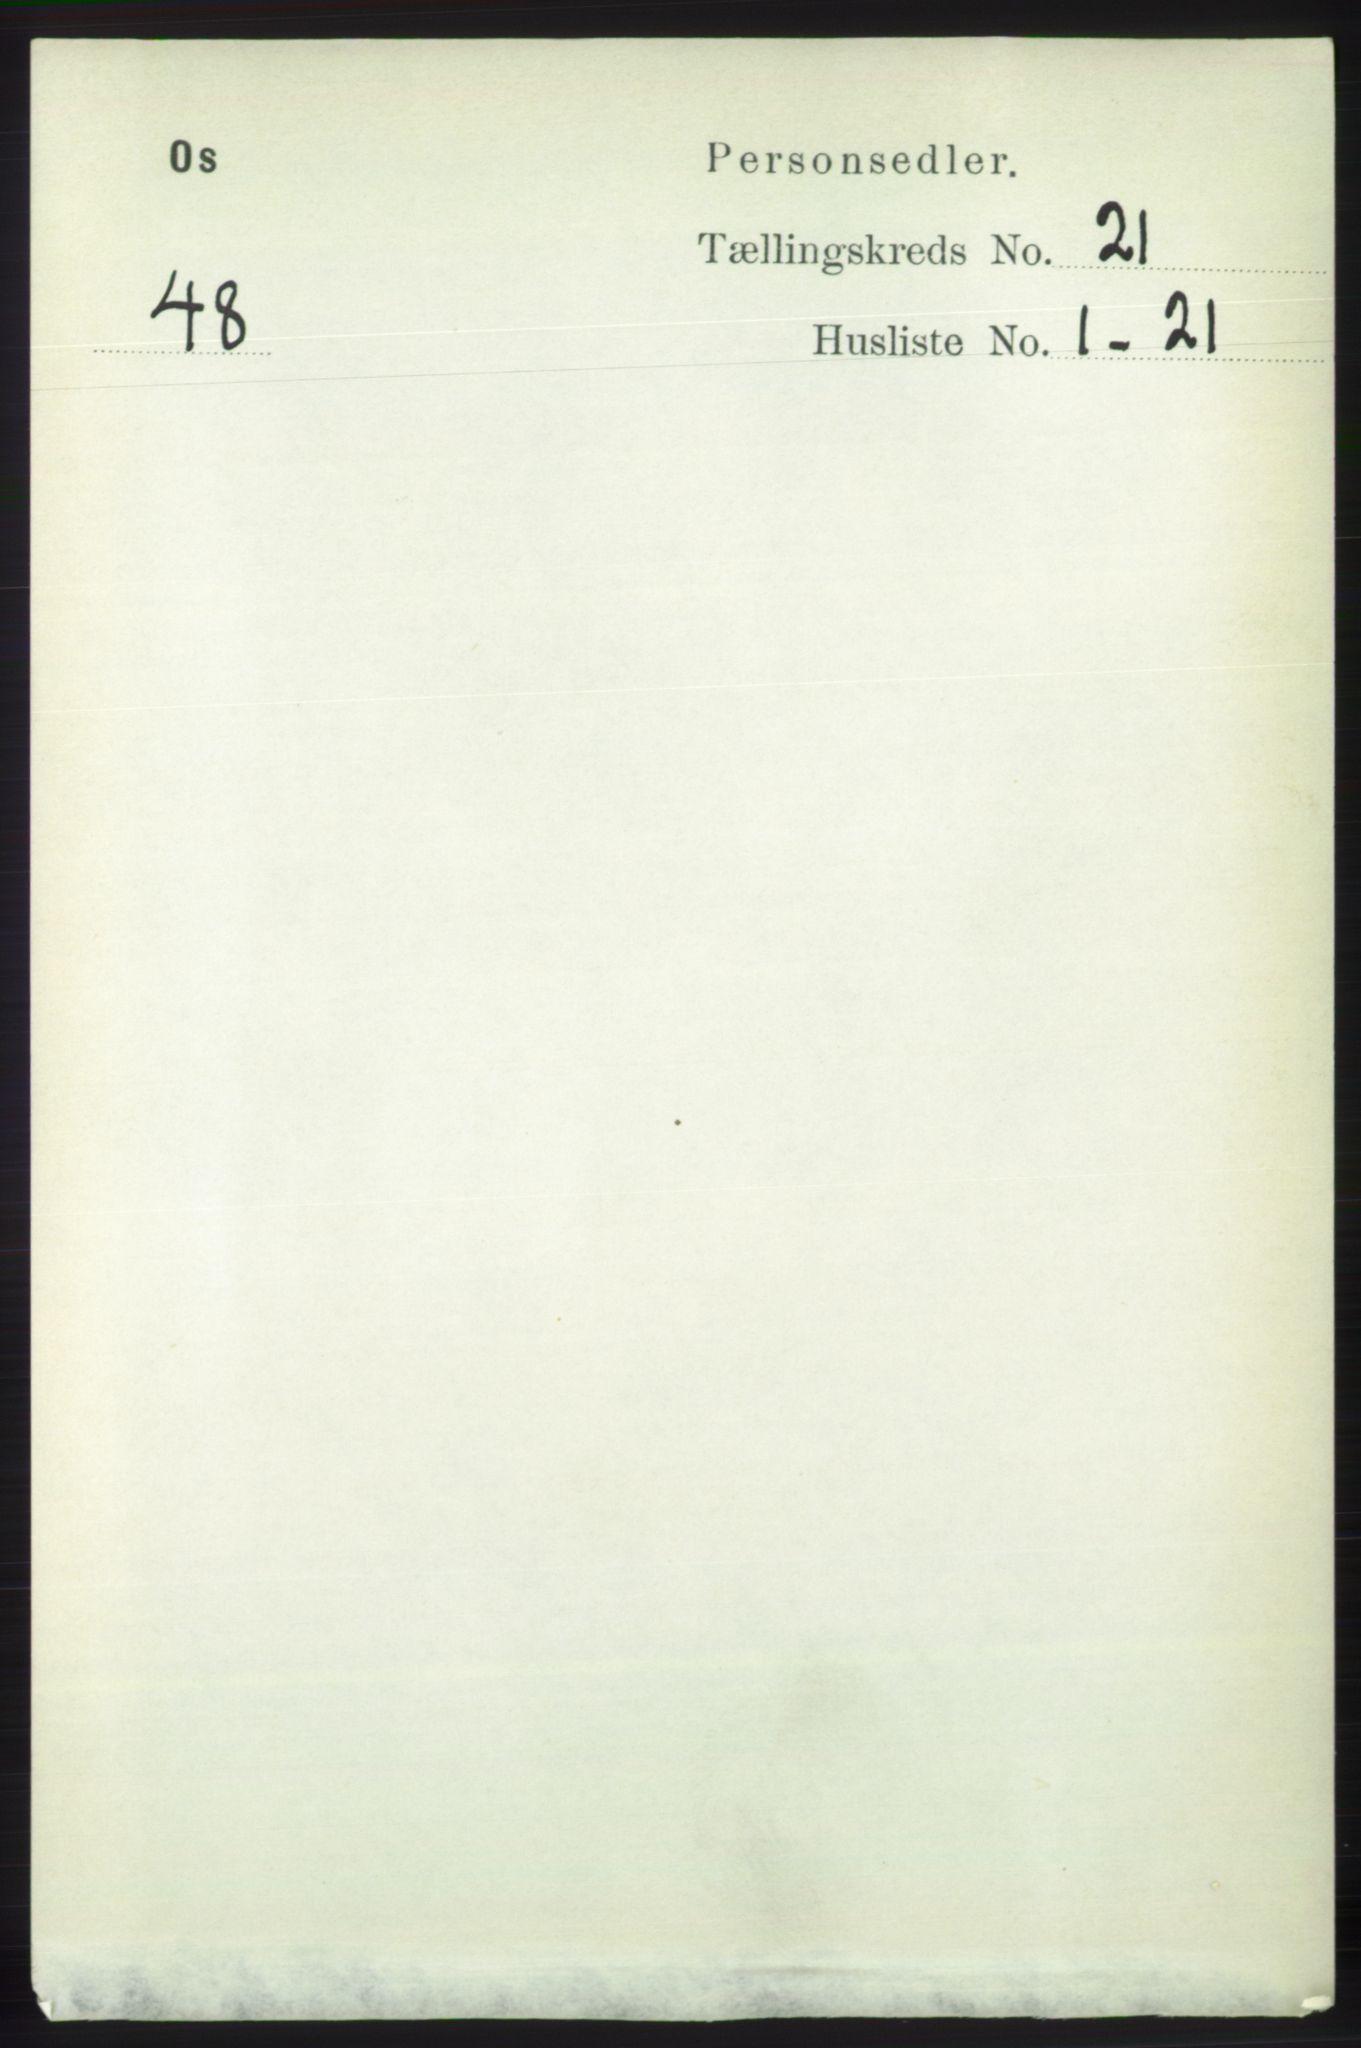 RA, Folketelling 1891 for 1243 Os herred, 1891, s. 4839